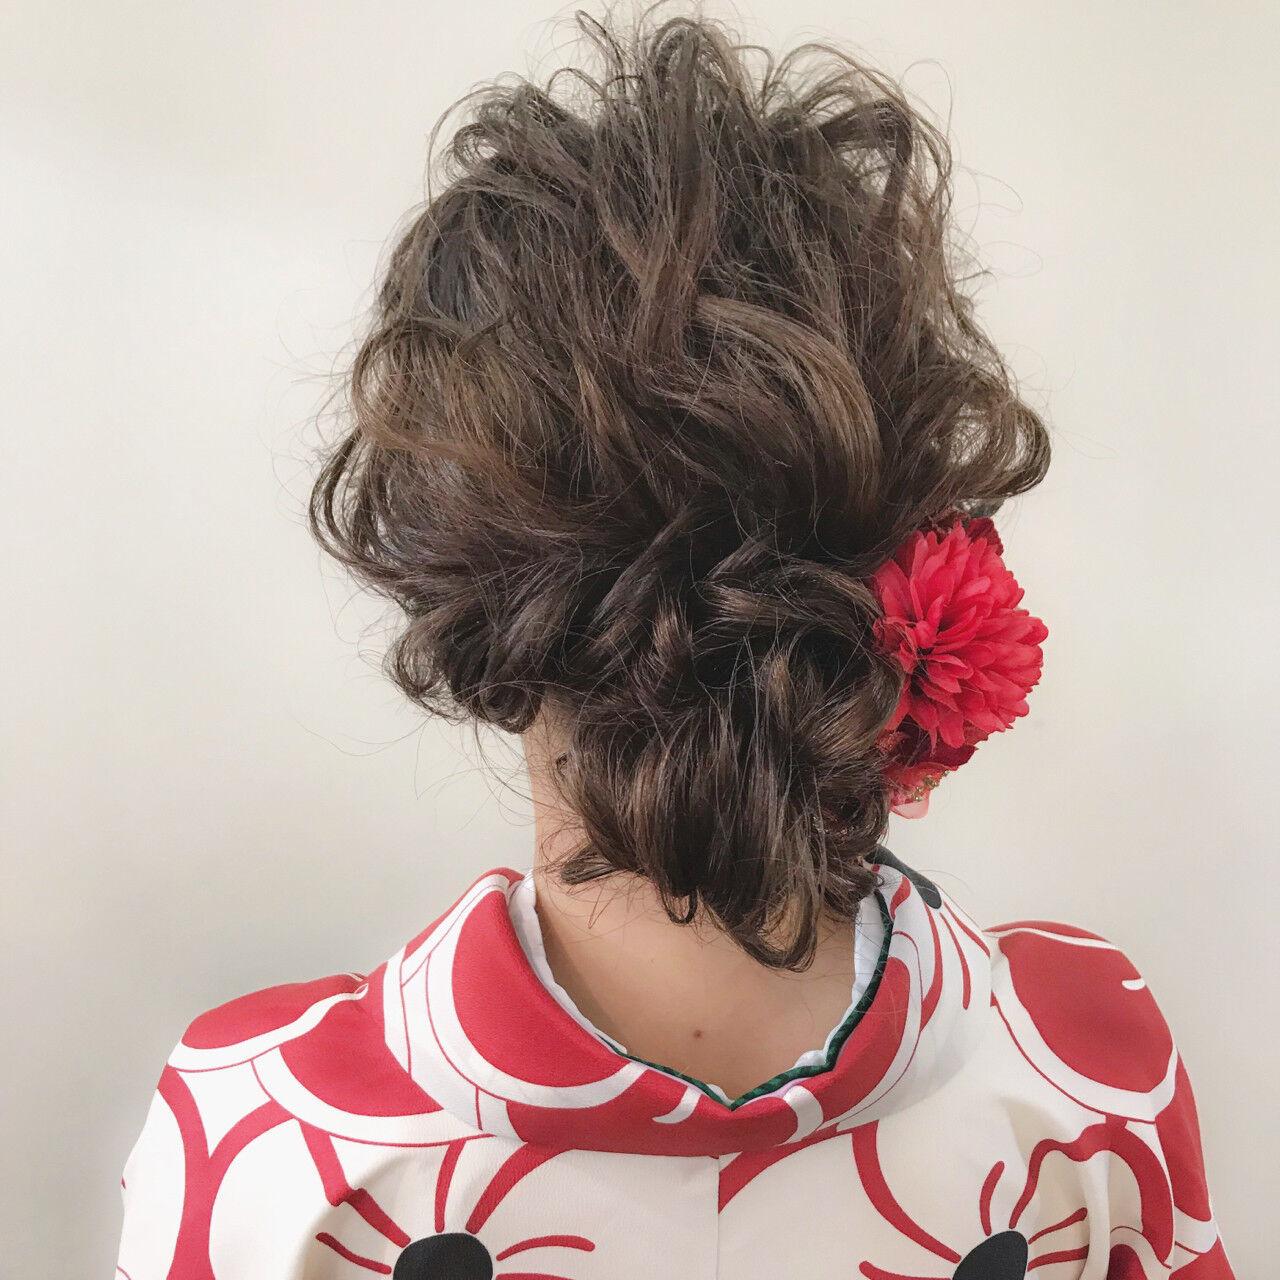 ナチュラル ブリーチ ミディアム 成人式ヘアスタイルや髪型の写真・画像